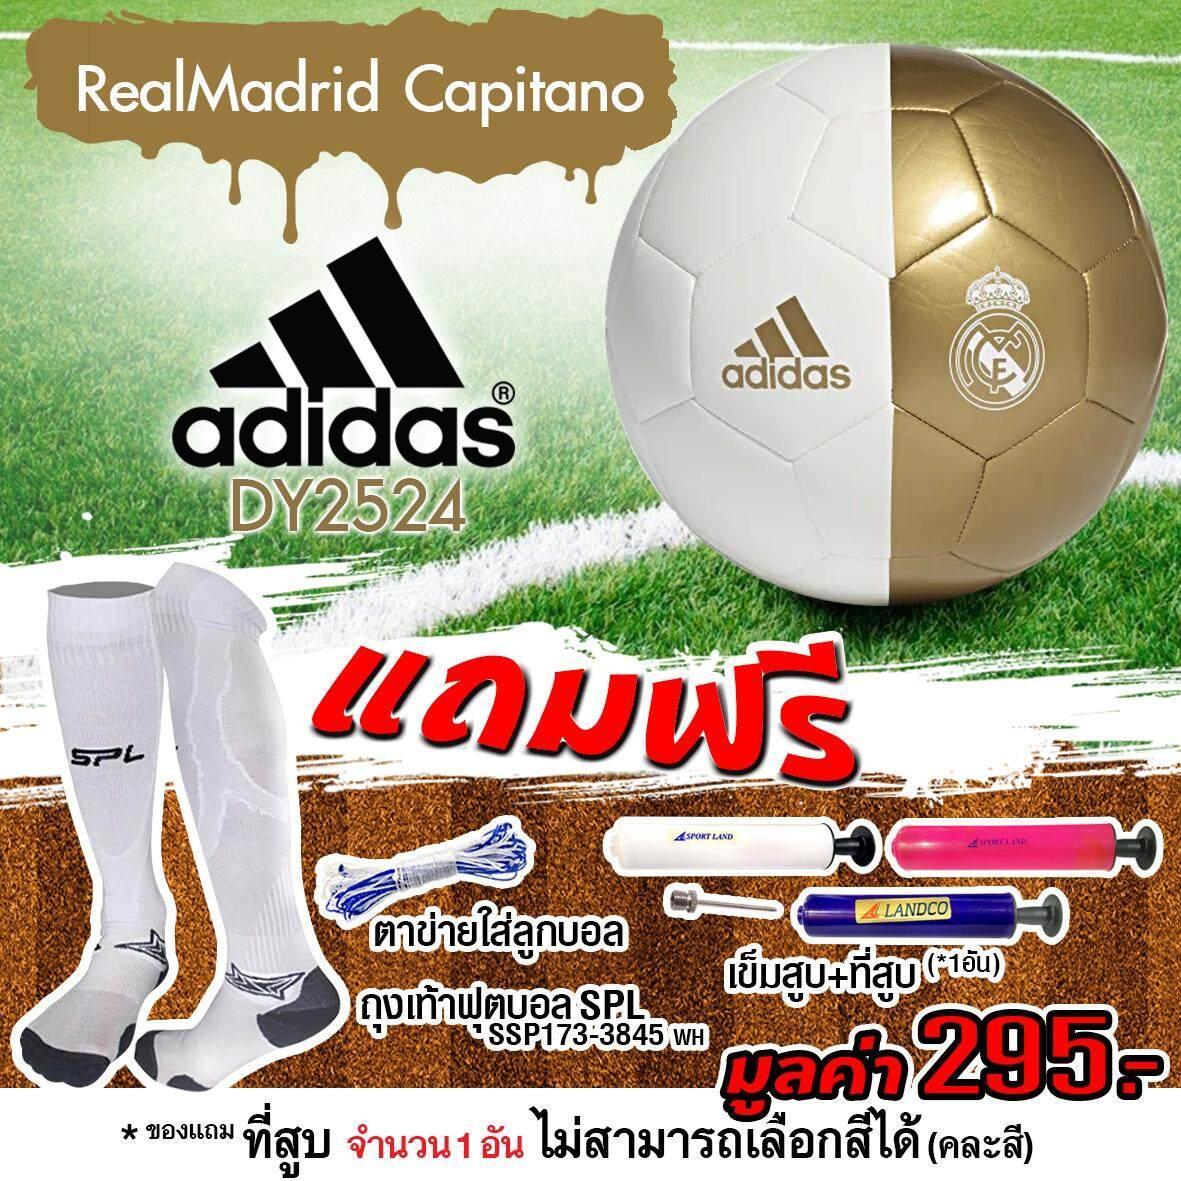 การใช้งาน  Adidas ฟุตบอลหนัง อาดิดาส Football RealMadrid Capitano DY2524(800) แถมฟรี ตาข่ายใส่ลูกฟุตบอล + เข็มสูบสูบลม + สูบมือ SPL รุ่น SL6 + ถุงเท้าฟุตบอล Striker 17.3 WH